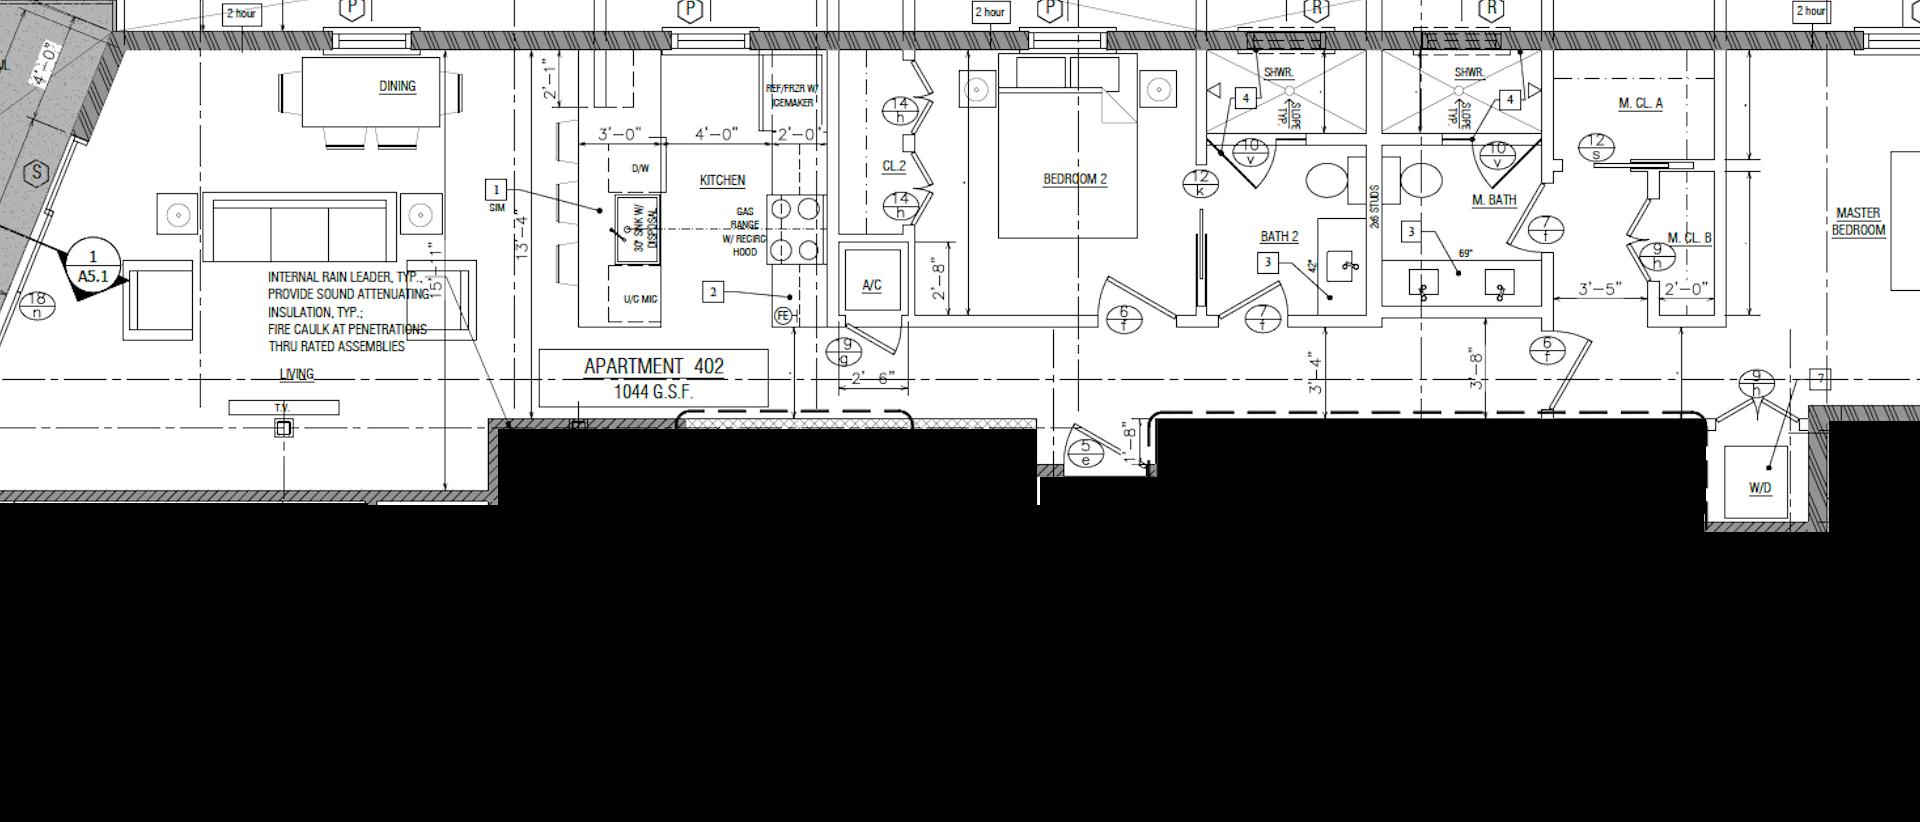 Apartment 402